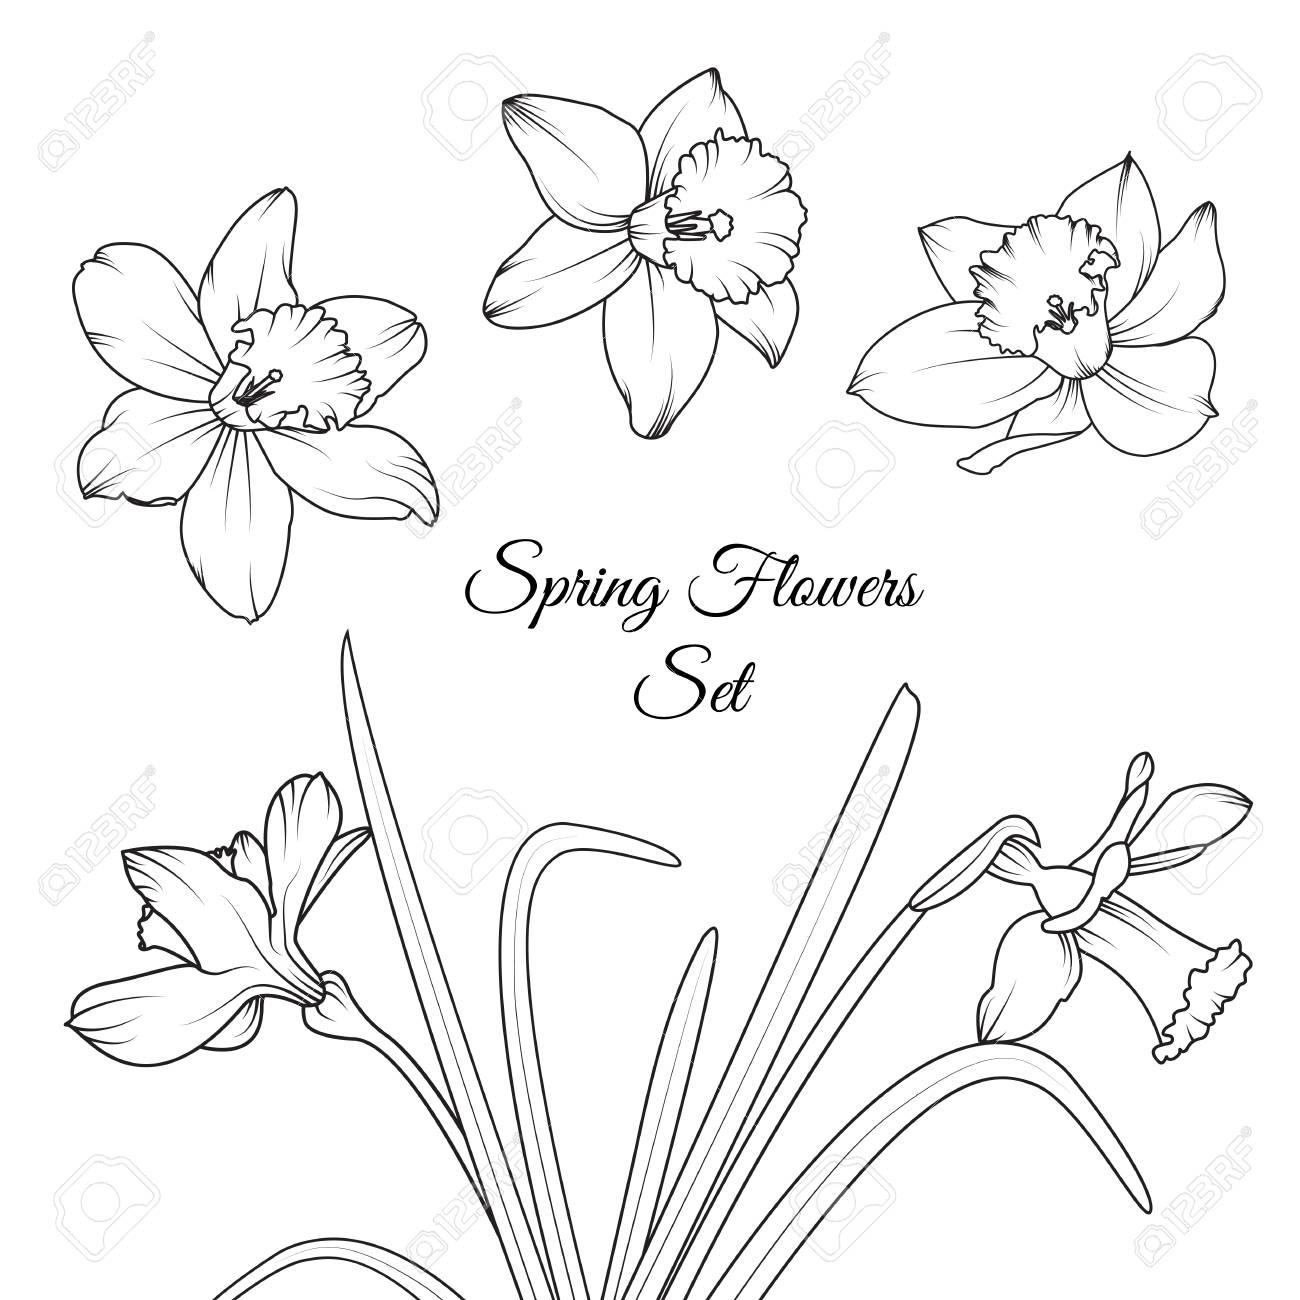 Narzissen Narzisse Fruhling Blumen Wiederverwendbar Isoliert